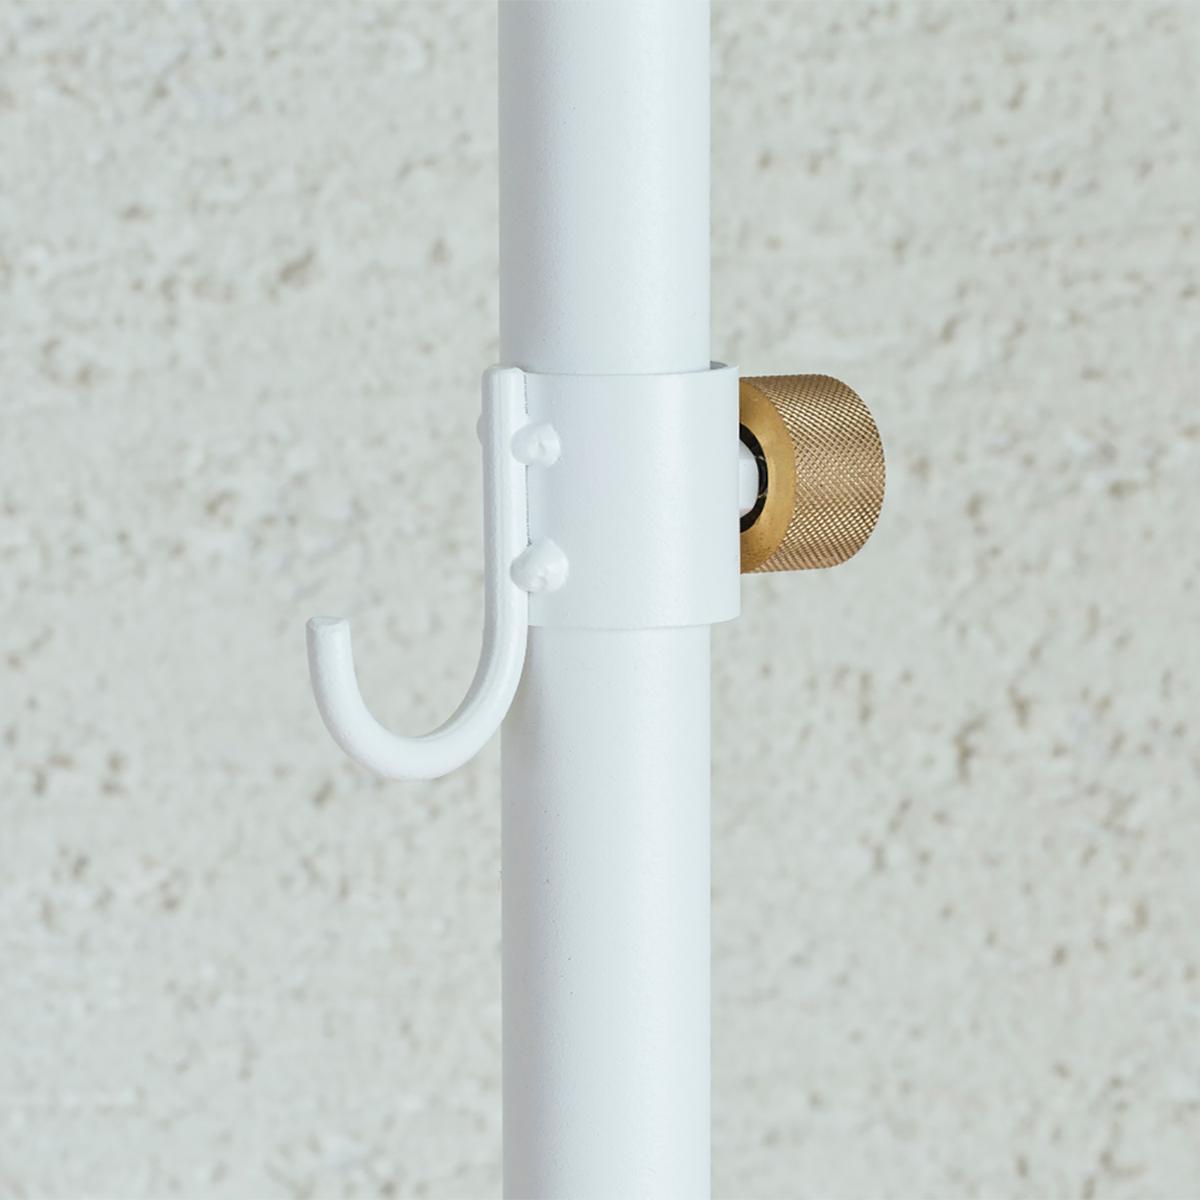 小フック|1本の線(ライン)に、鍵もバッグも指定席ができる「つっぱり棒」|DRAW A LINE